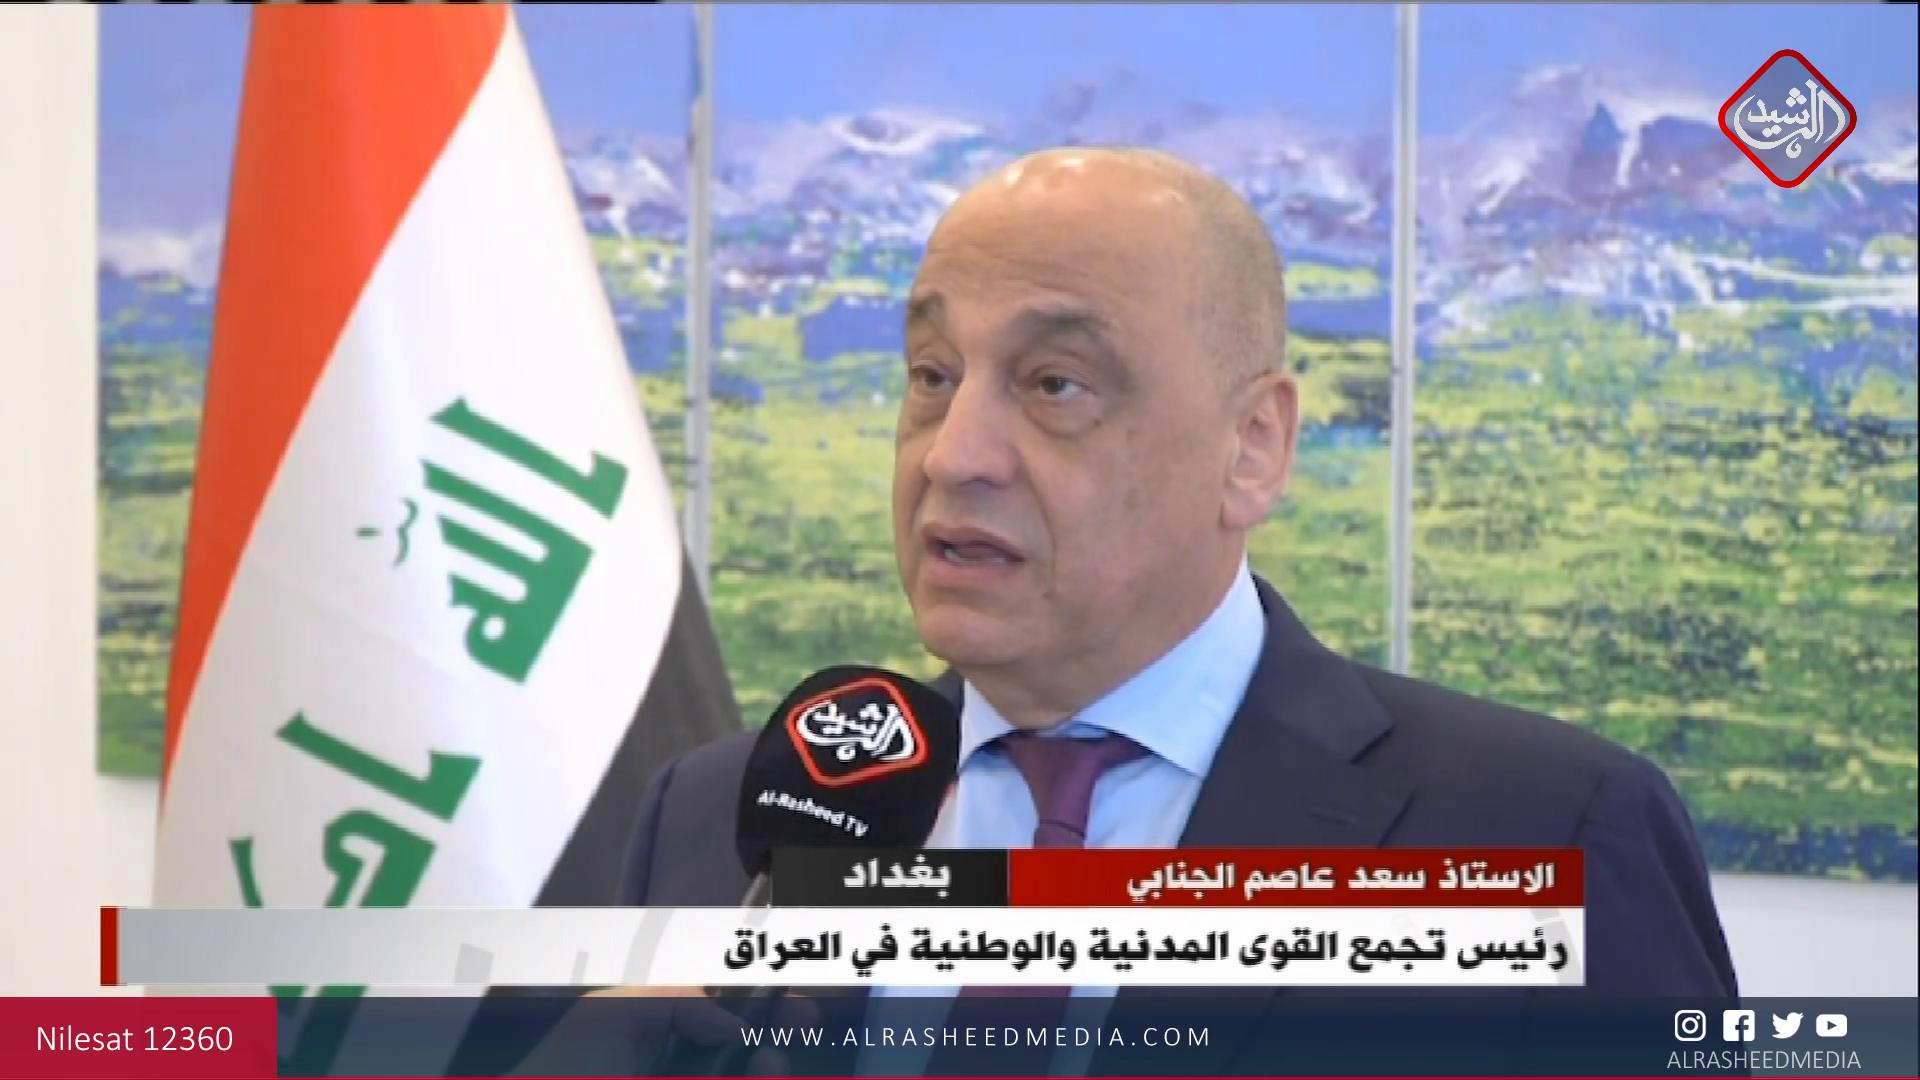 الاستاذ سعد عاصم الجنابي يلتقي باعضاء التجمع لبحث المستجدات السياسية